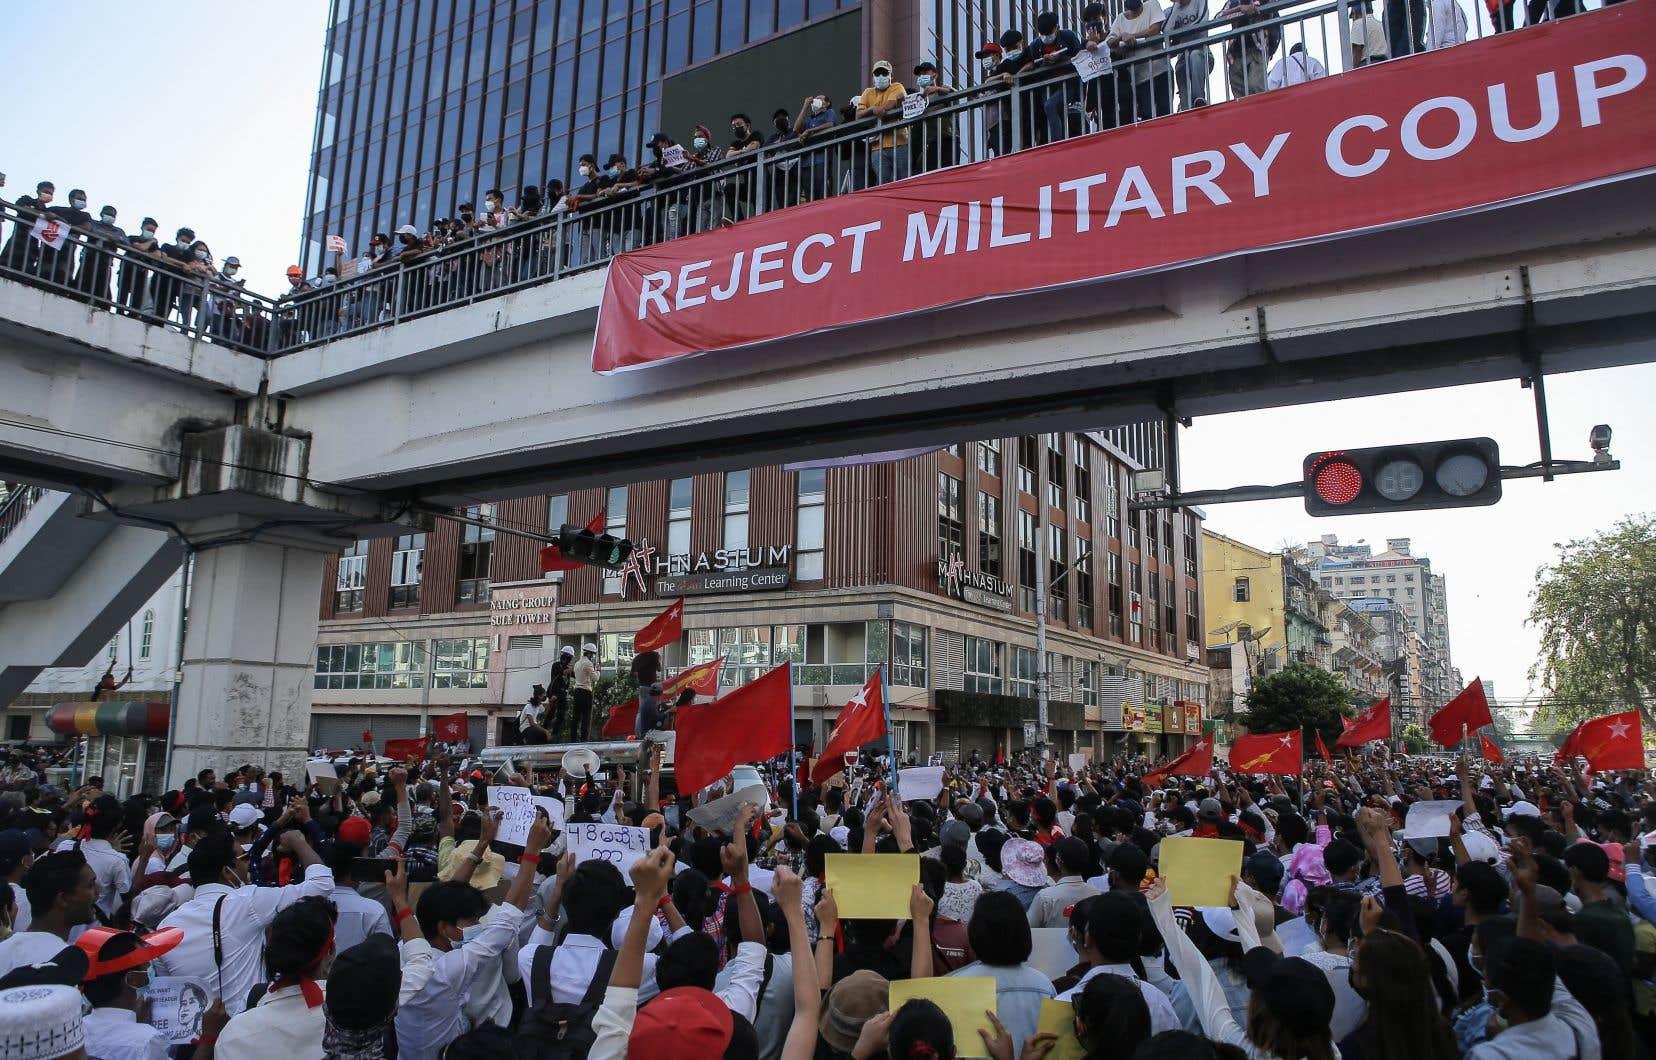 Les manifestations se déroulaient dans le calme mercredi, alors que la veille la répression était montée d'un cran avec l'utilisation par les forces de l'ordre de balles en caoutchouc et de canons à eau à Naypyidaw et Mandalaycontre les manifestants.